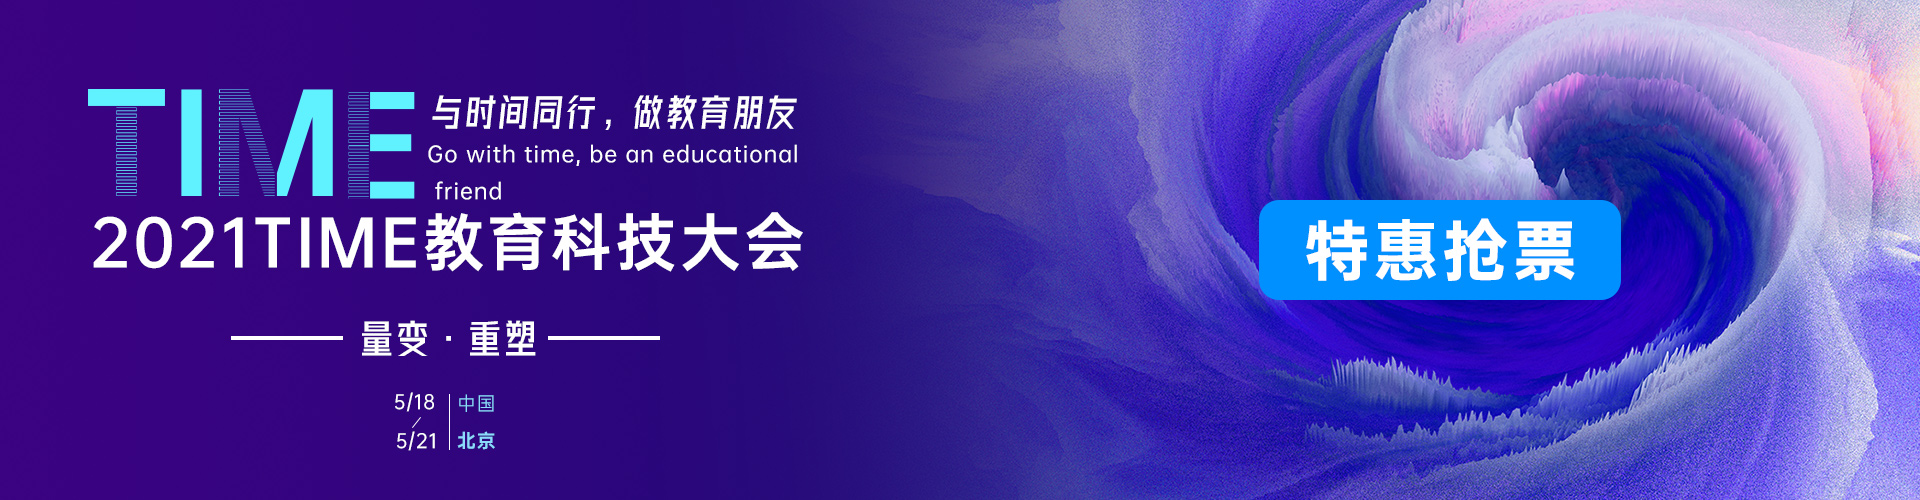 2021校长邦TIME教育科技大会